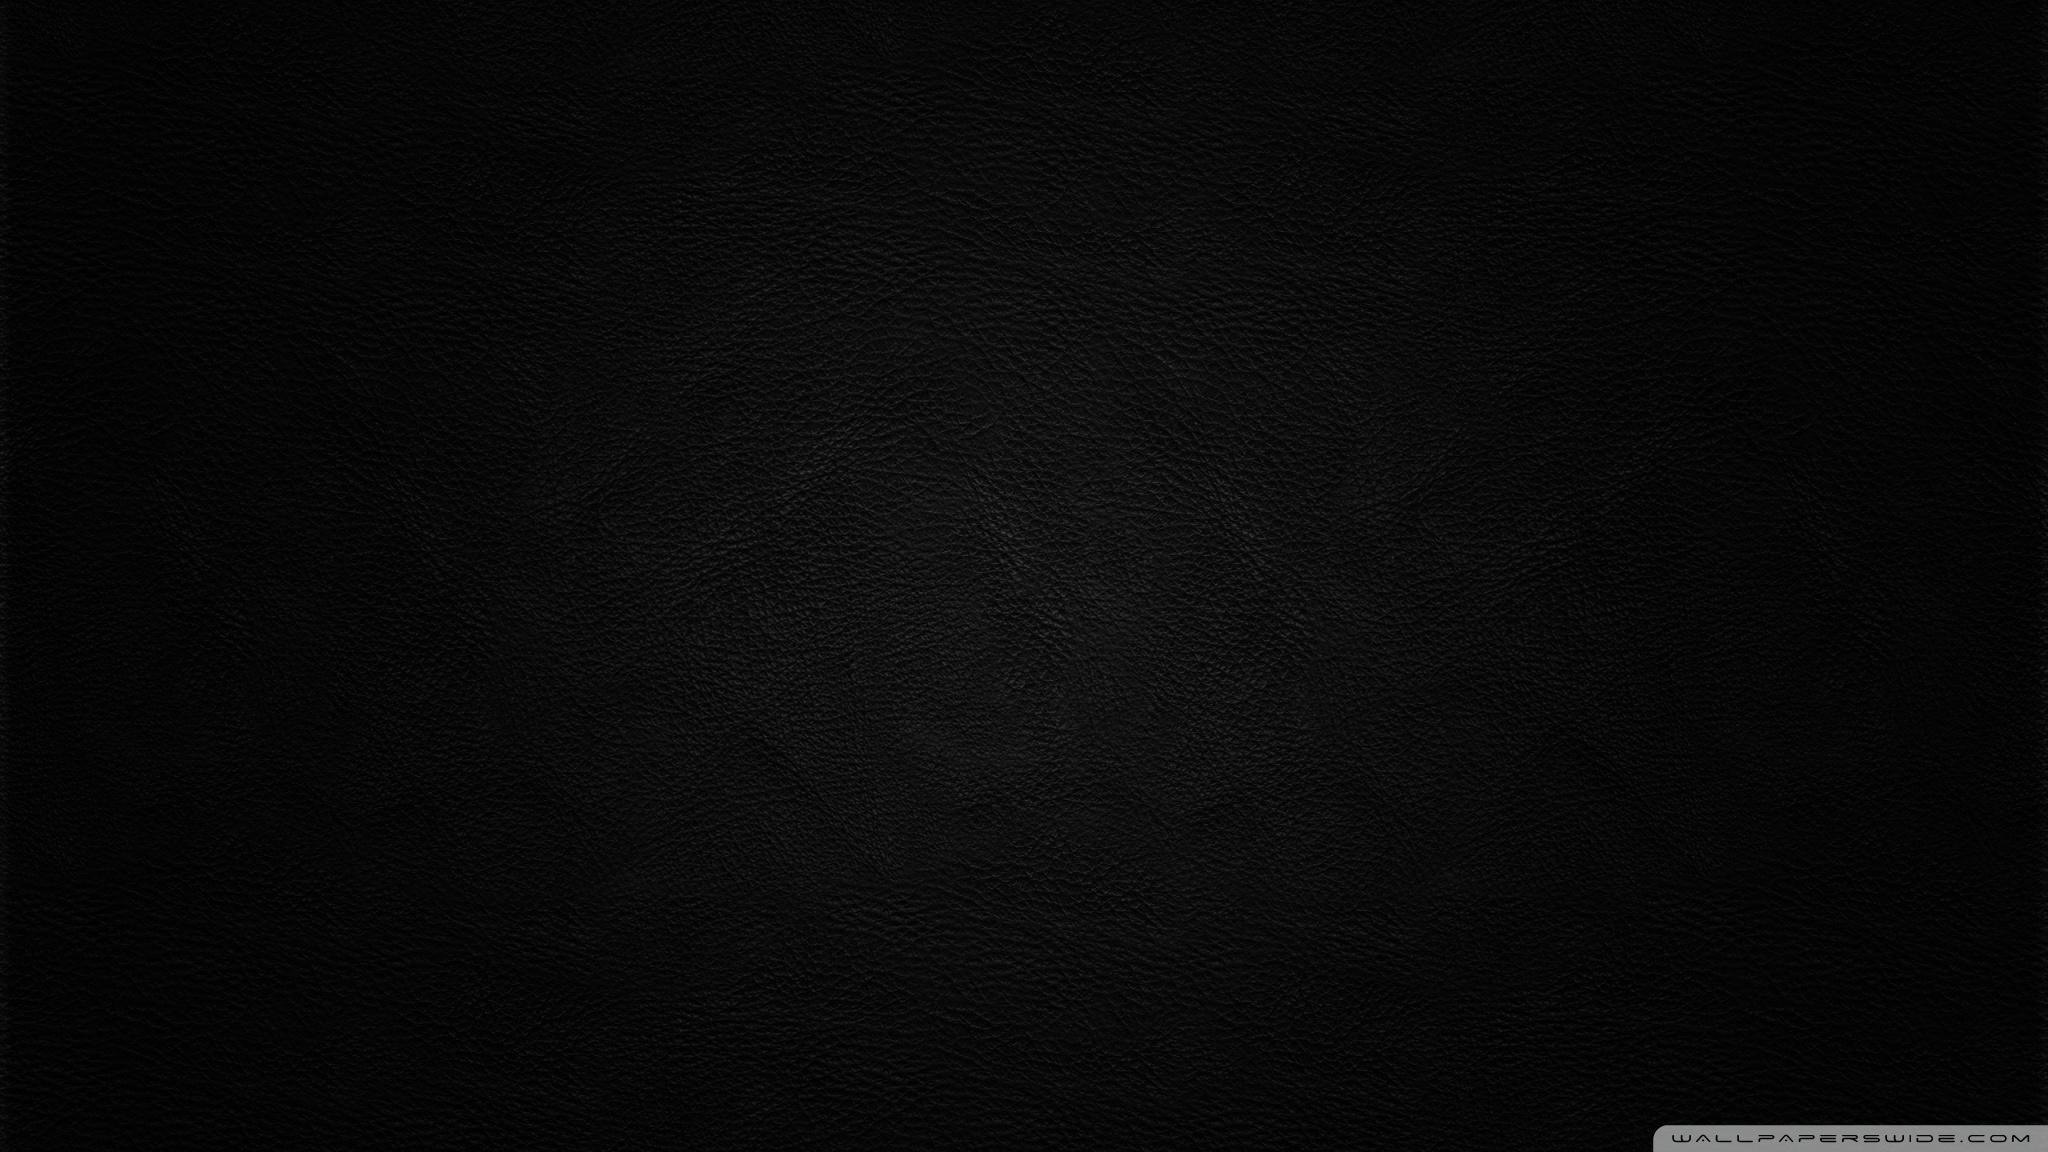 Как сделать чёрный фон у фото